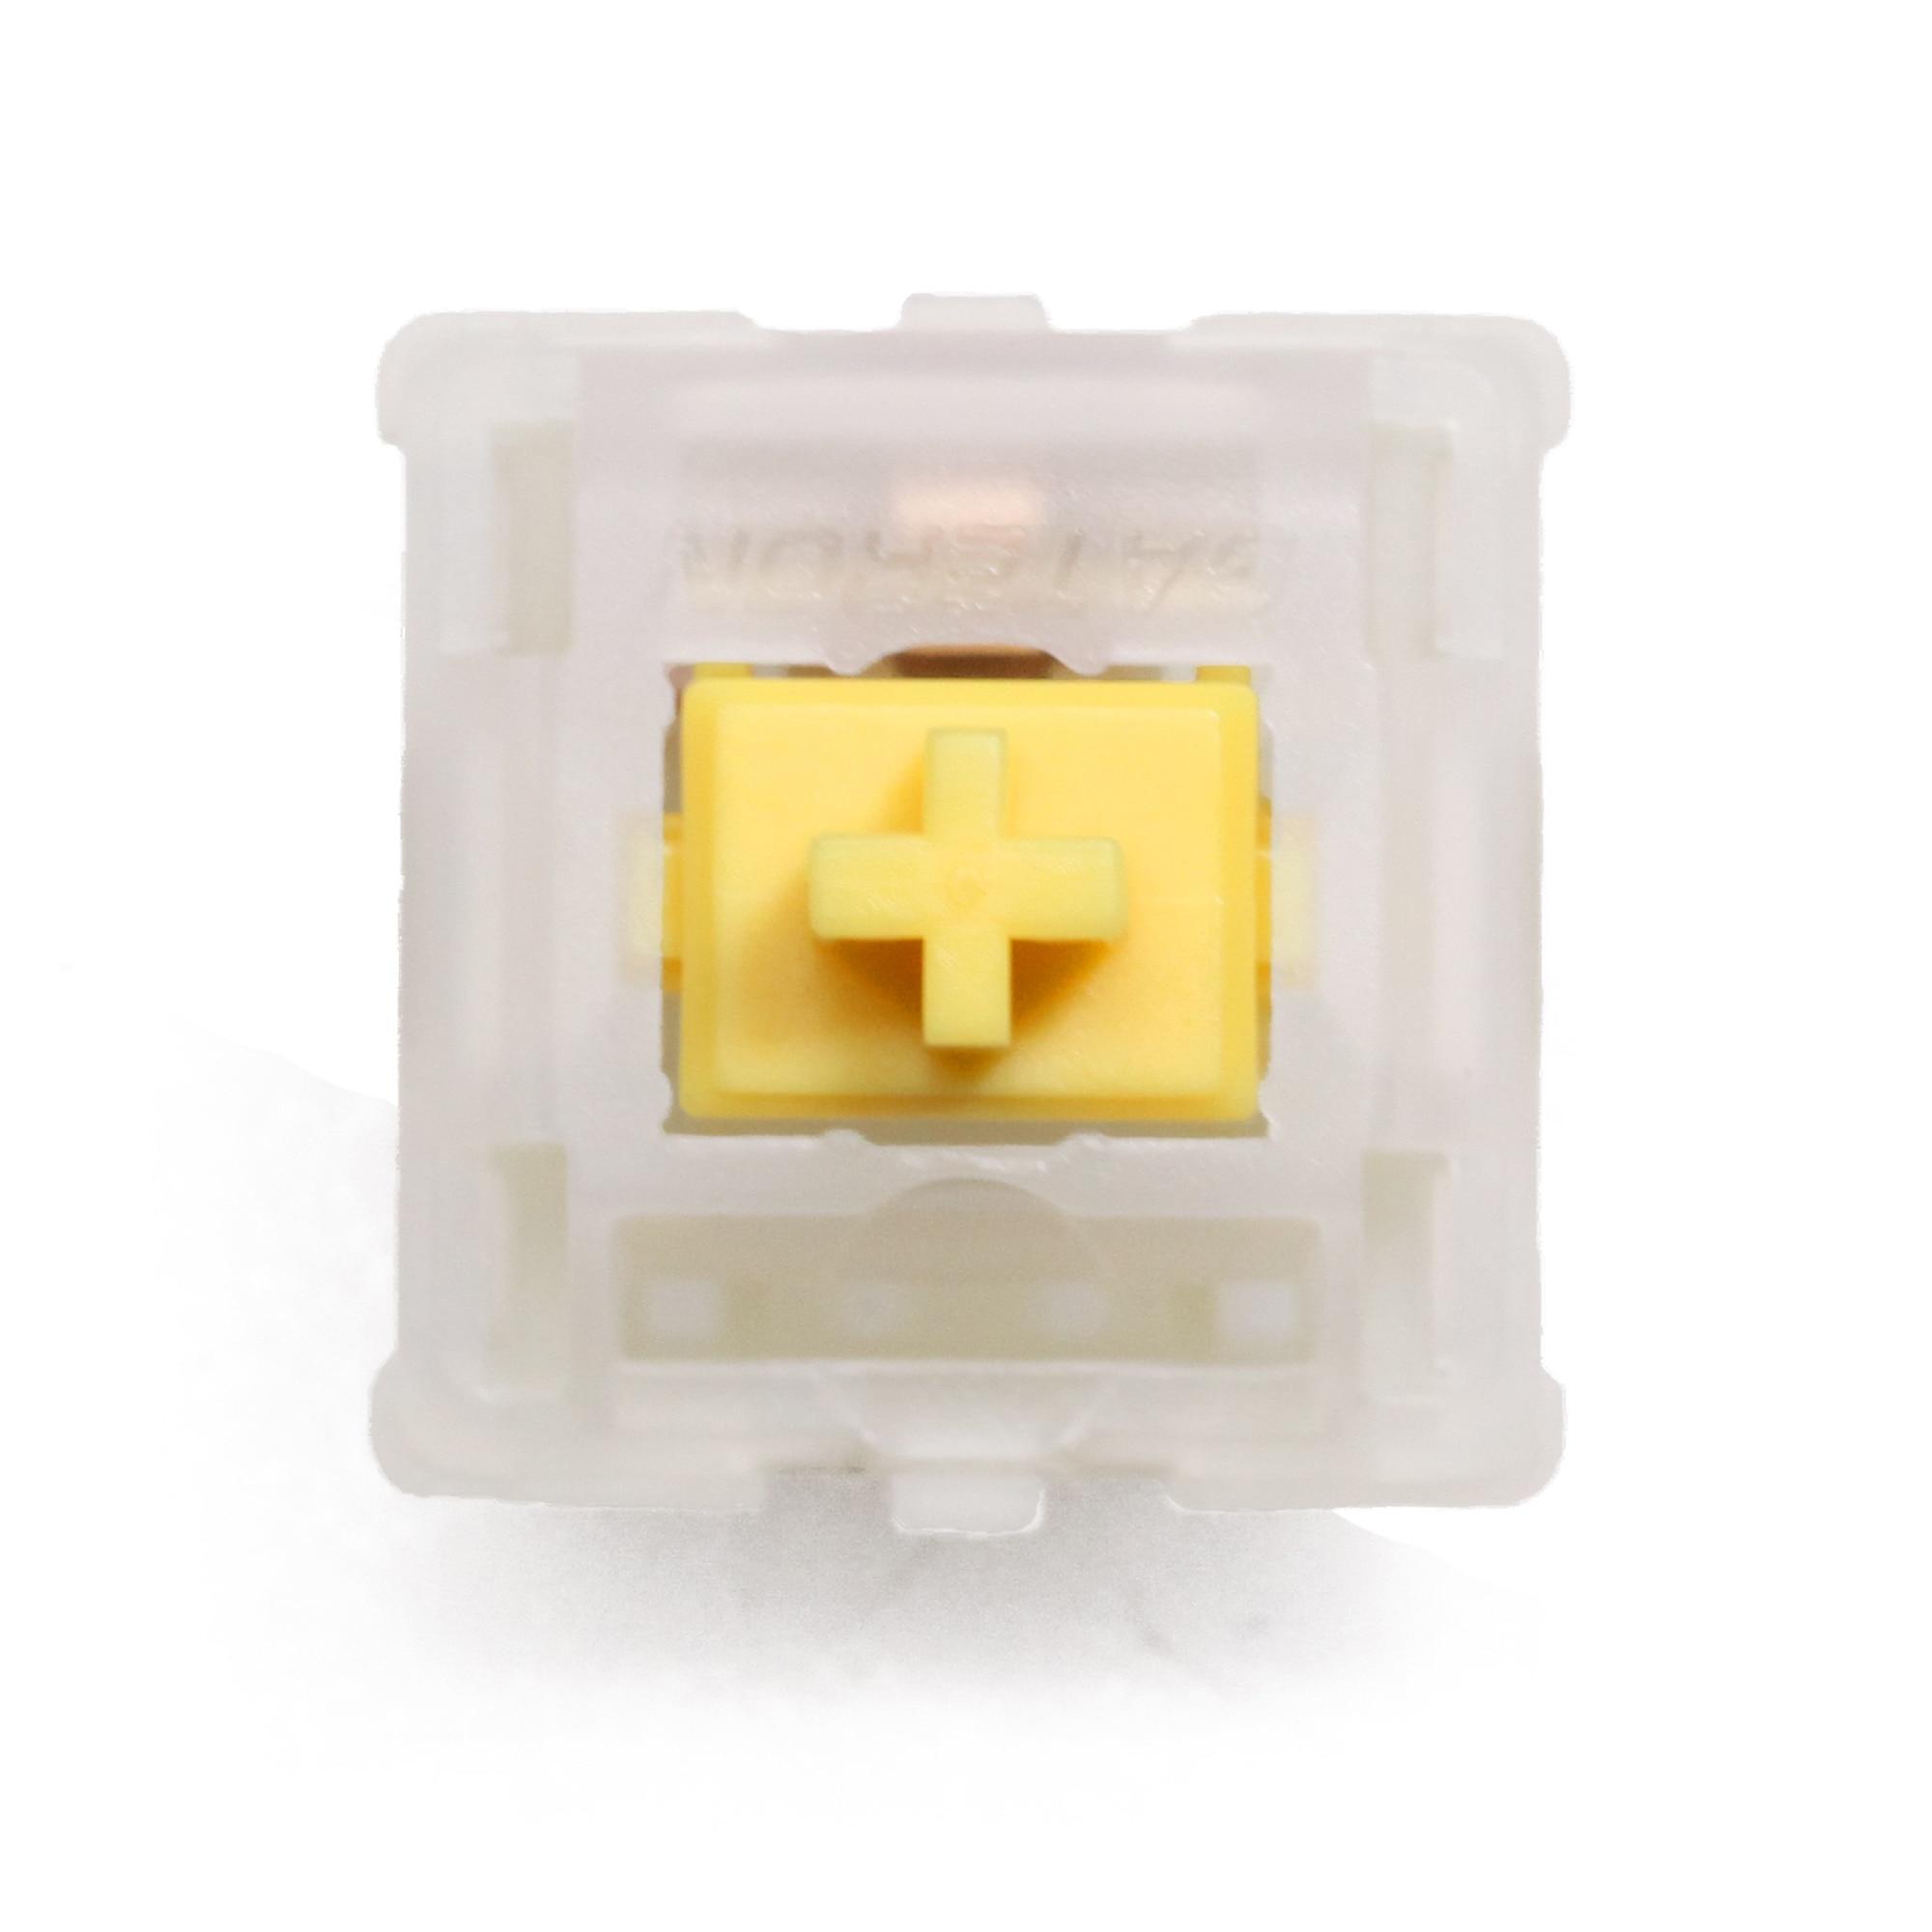 Interruptor linear da haste do rgb 63g mx dos extras 5pin do interruptor do amarelo leitoso do tampão de gateron para o teclado mecânico 50m com a caixa base acrílica